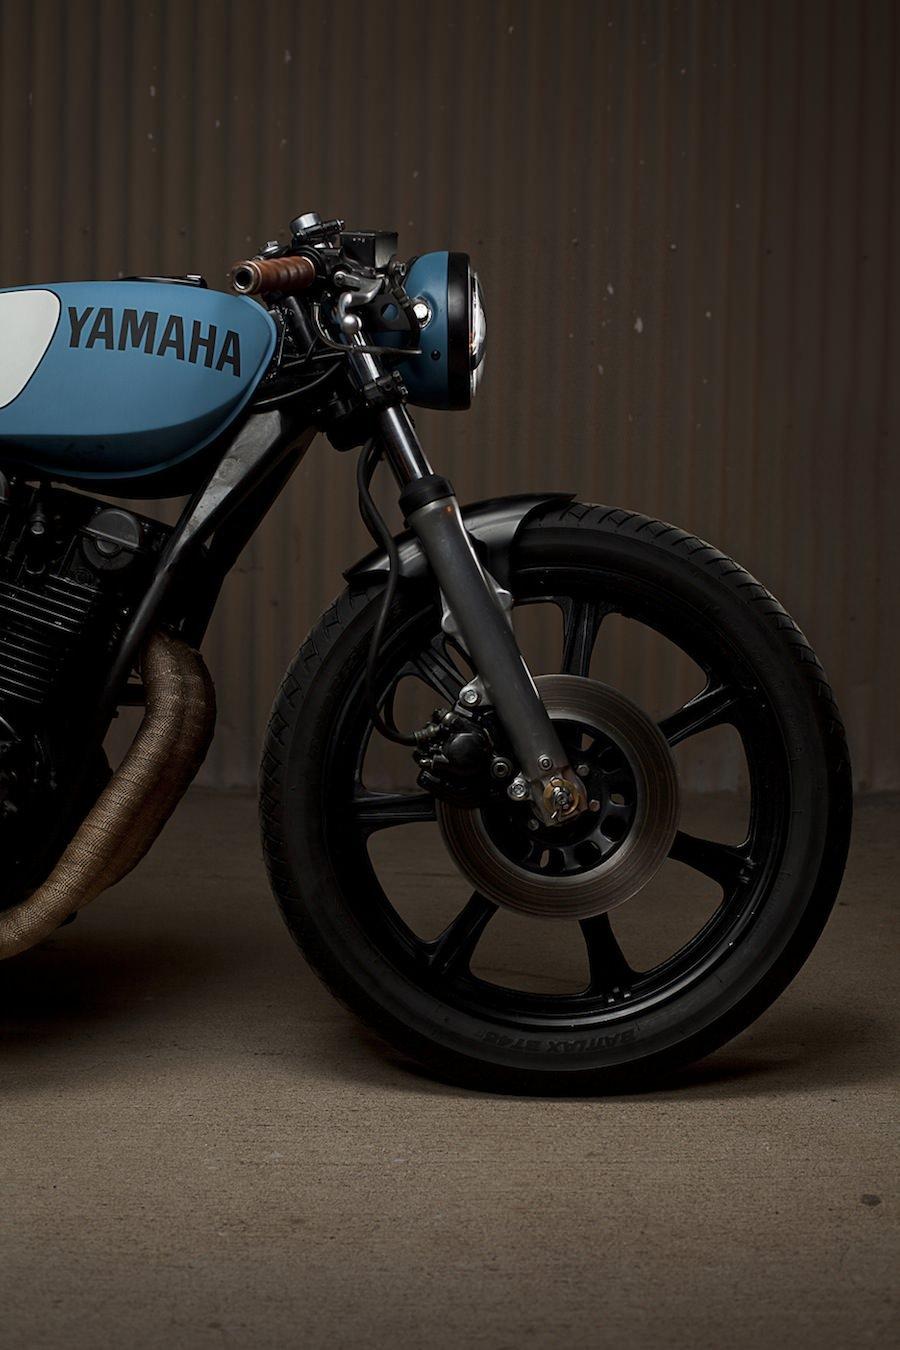 Yamaha XS750 Cafe Racer 8